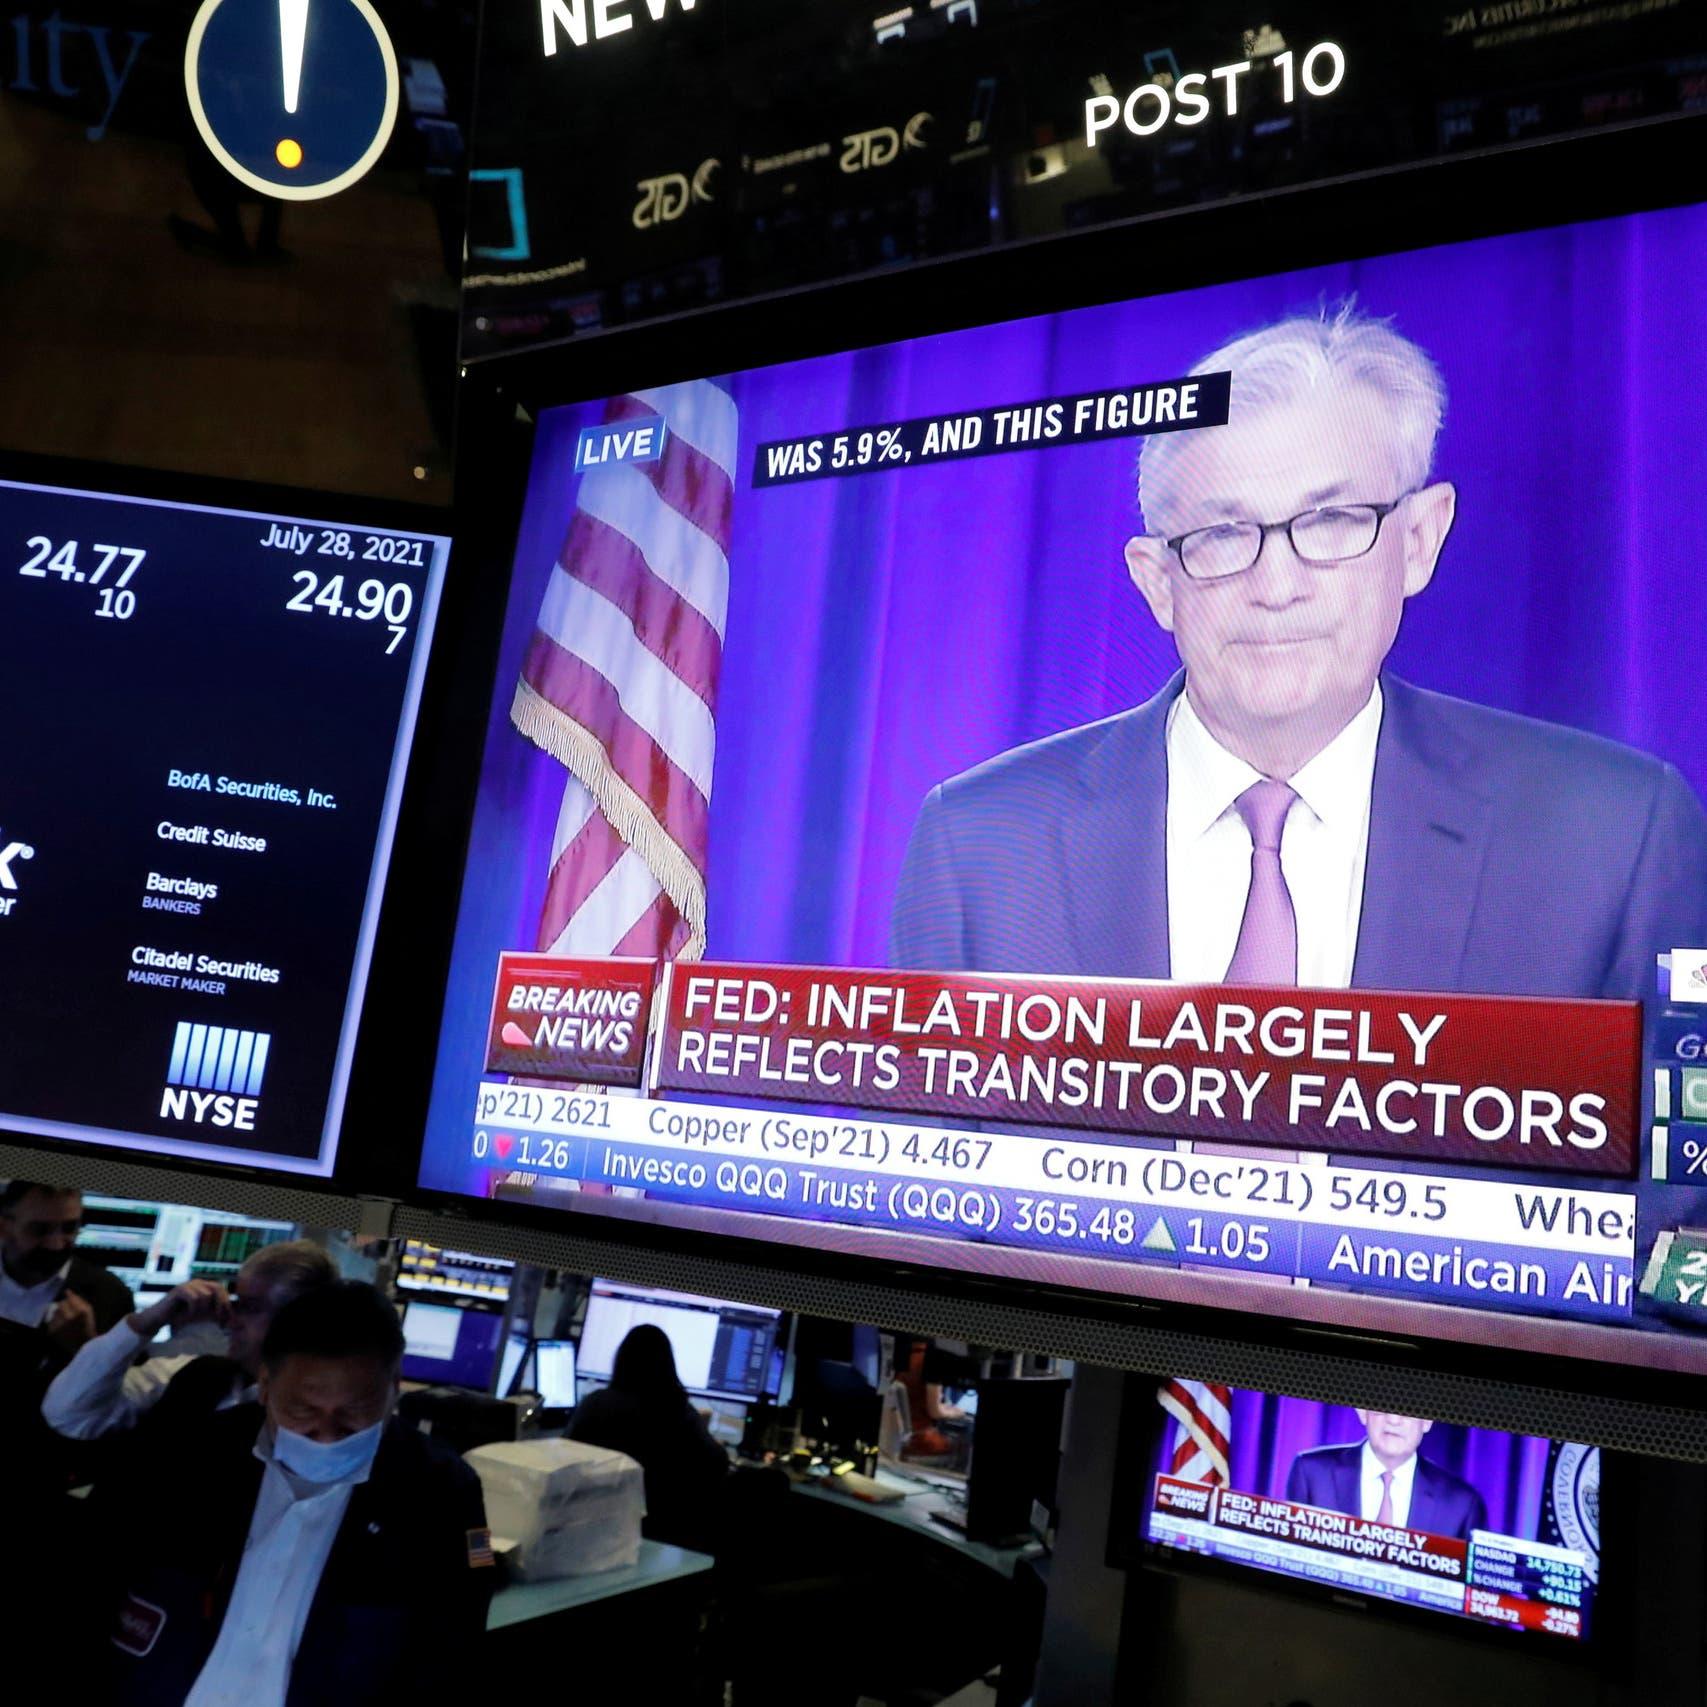 رئيس الفيدرالي: خفض التيسيرقد يبدأ هذا العام ولا تسرع في رفع الفائدة